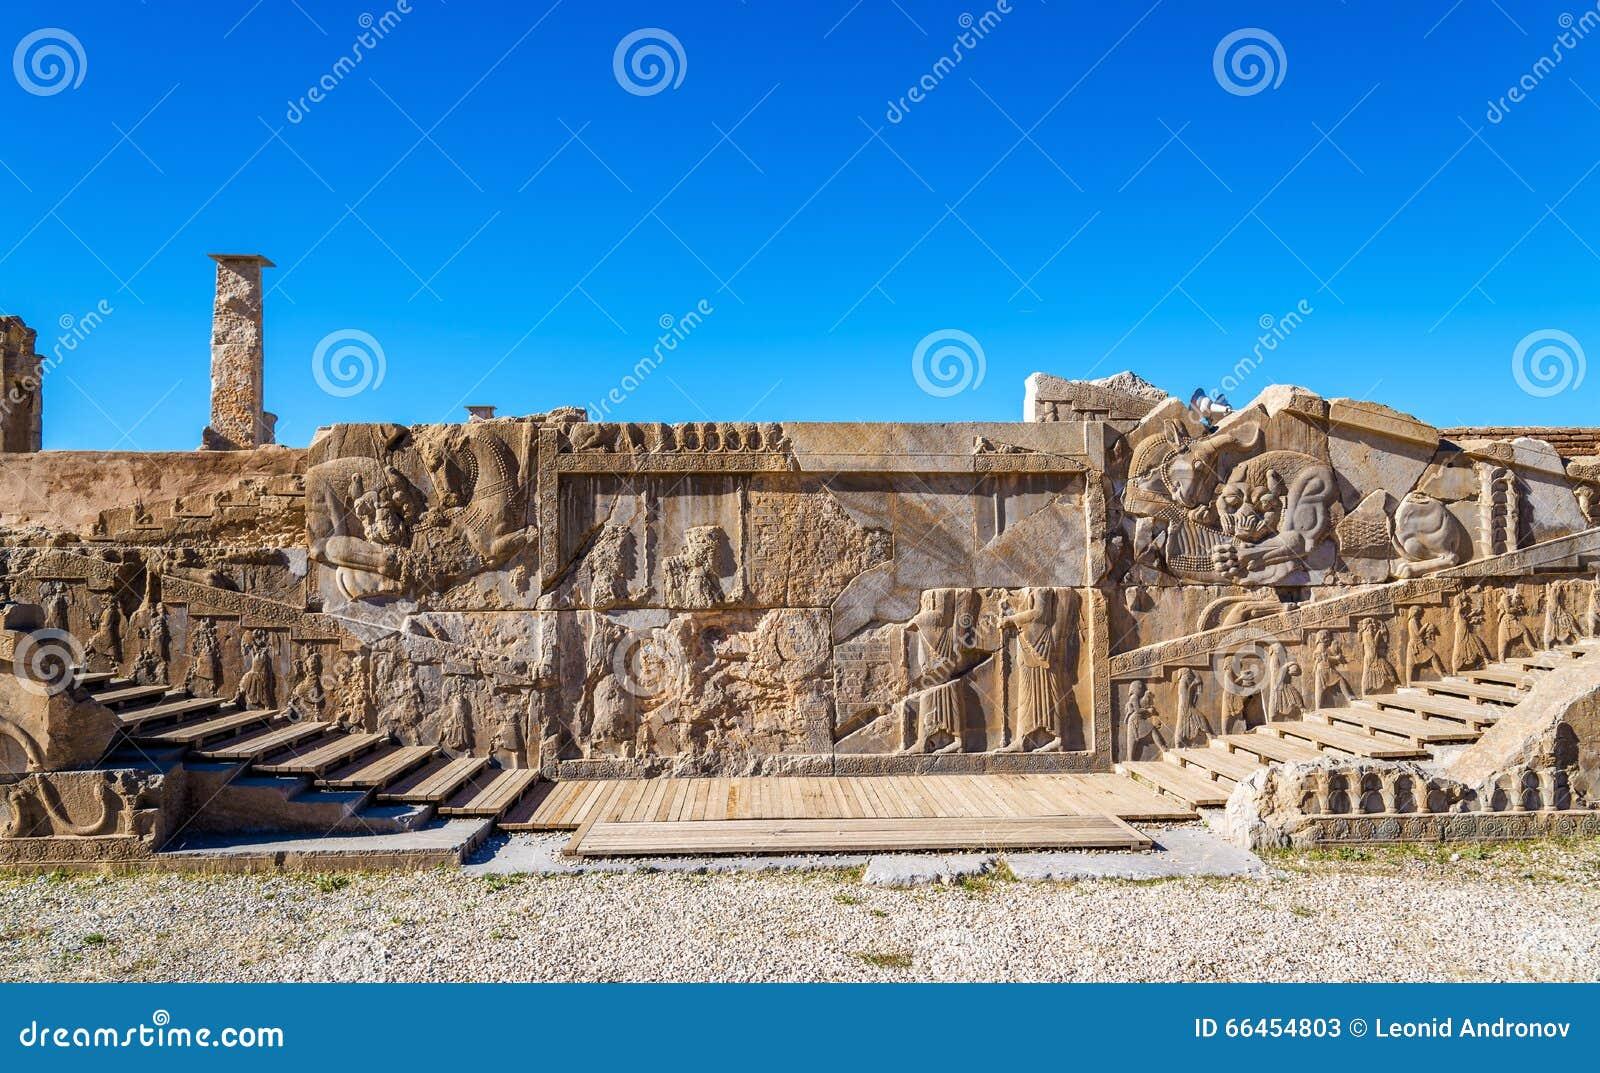 Ancient persian carving in persepolis stock image